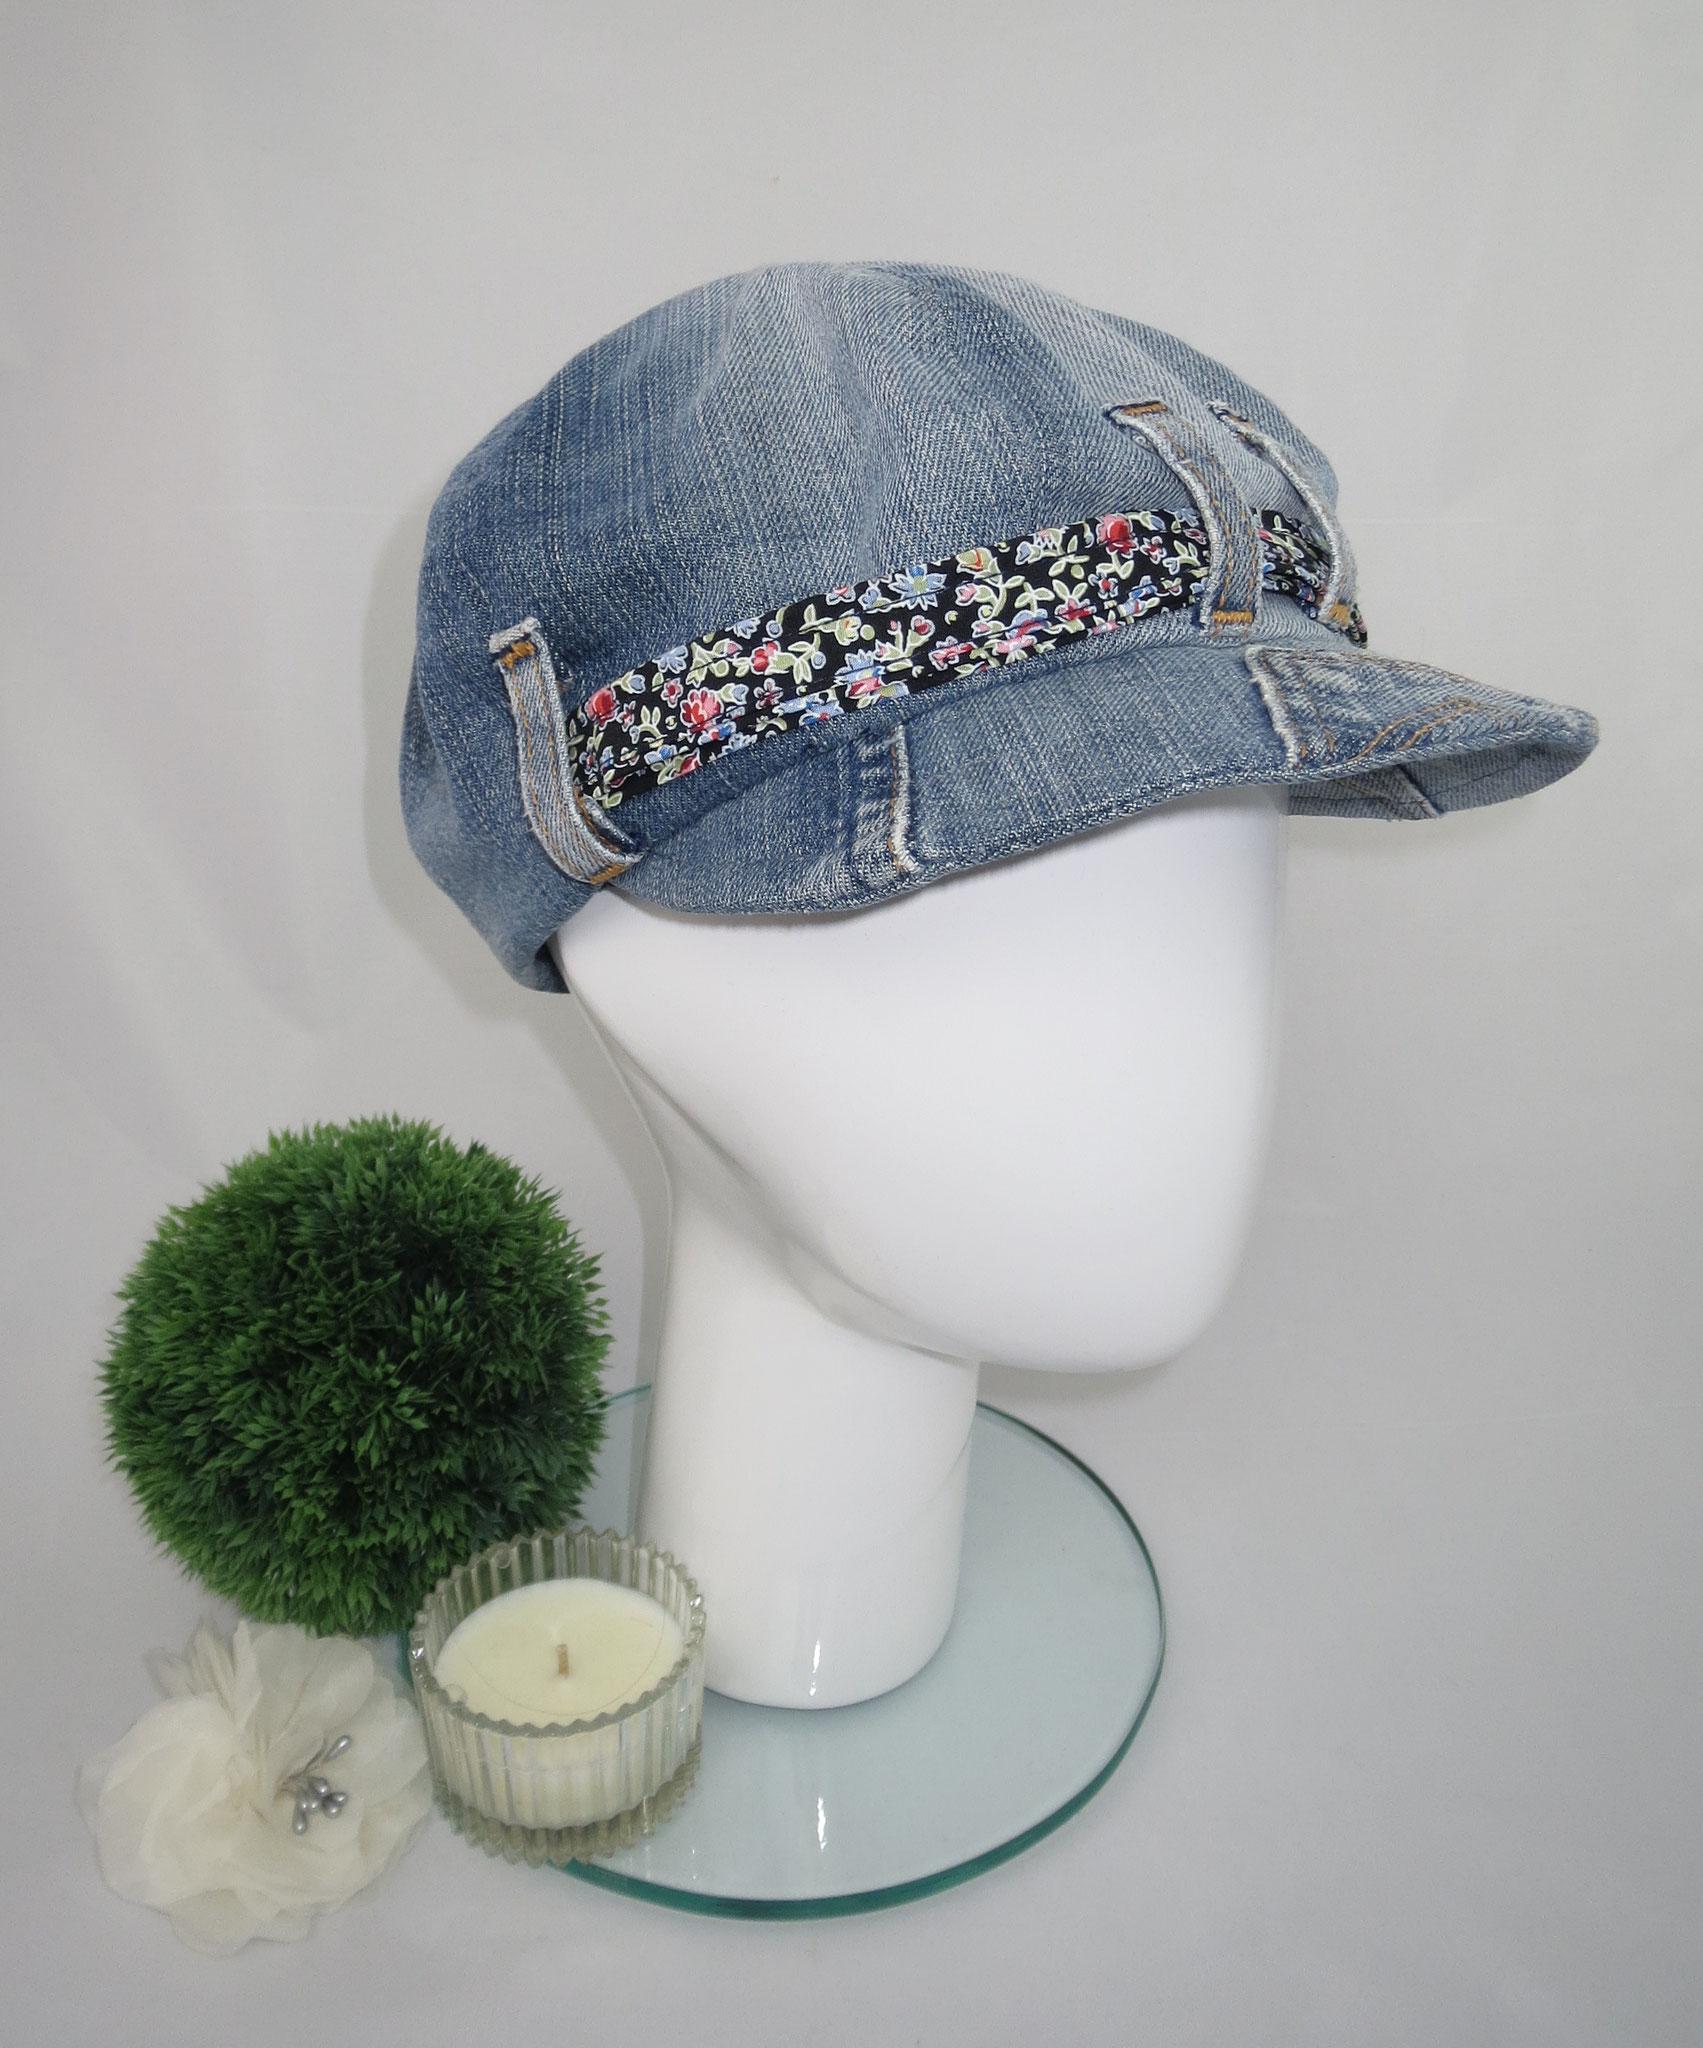 Schimü_07, Baumwolljeans, durch die verschiedenen Jeanswaschungen ist jedes Modell ein Unikat, in jeder gewünschten Kopfgröße herstellbar, Preis: 59,90 €